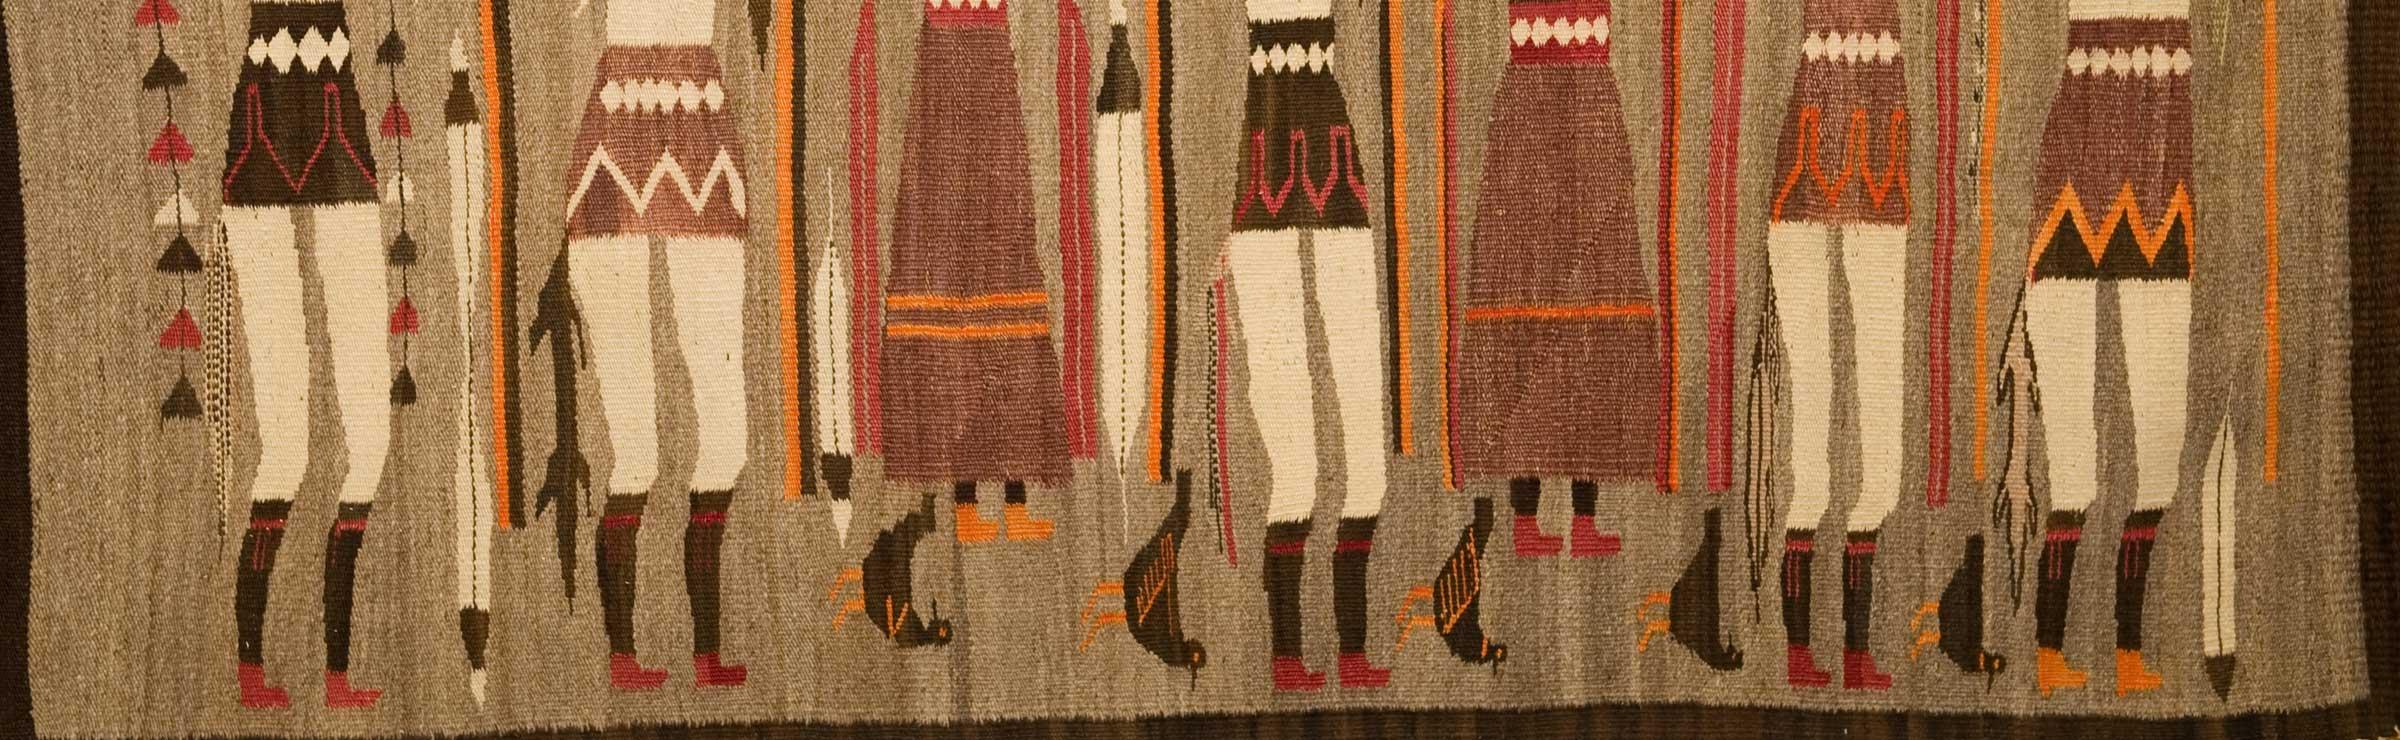 Yeibichai Lukachukai Navajo Rug 031 Charley S Navajo